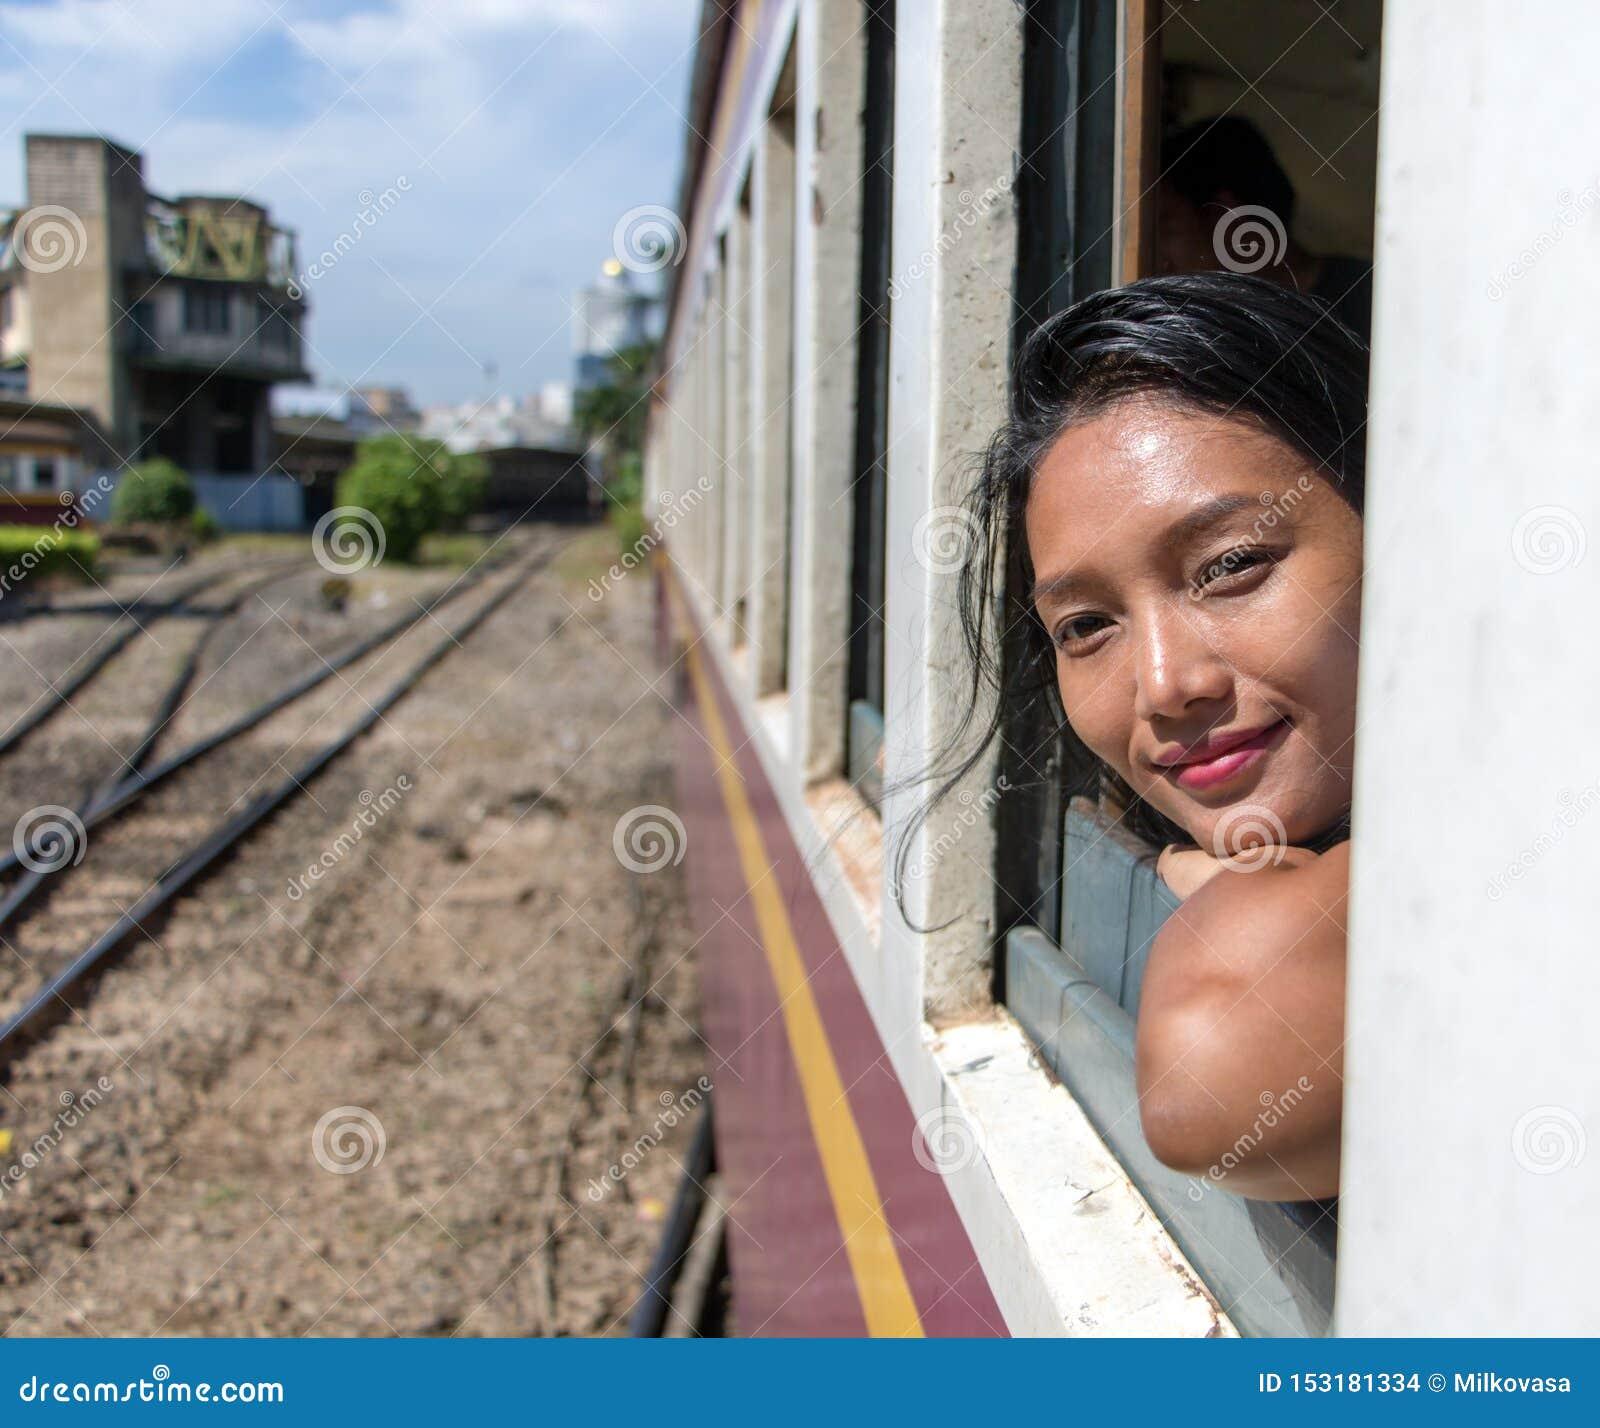 La mujer está mirando fuera de la ventana de un tren móvil